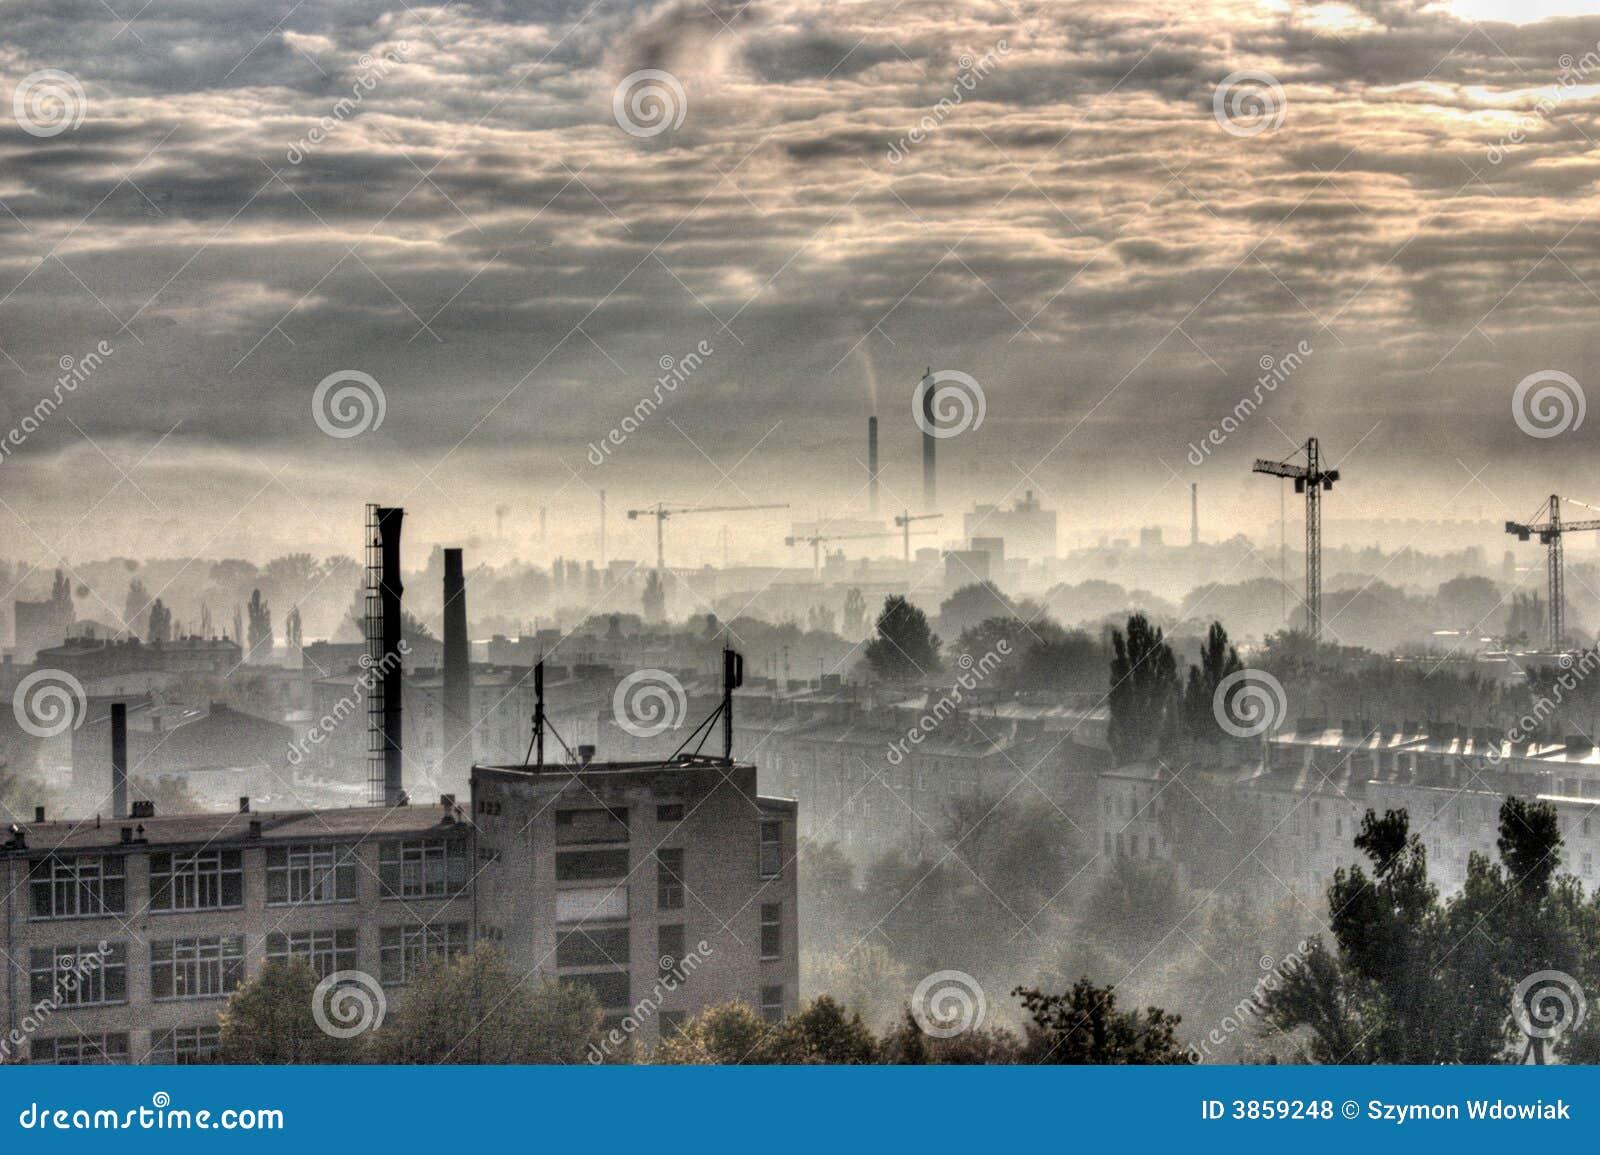 Ciudad industrial - Moonscape